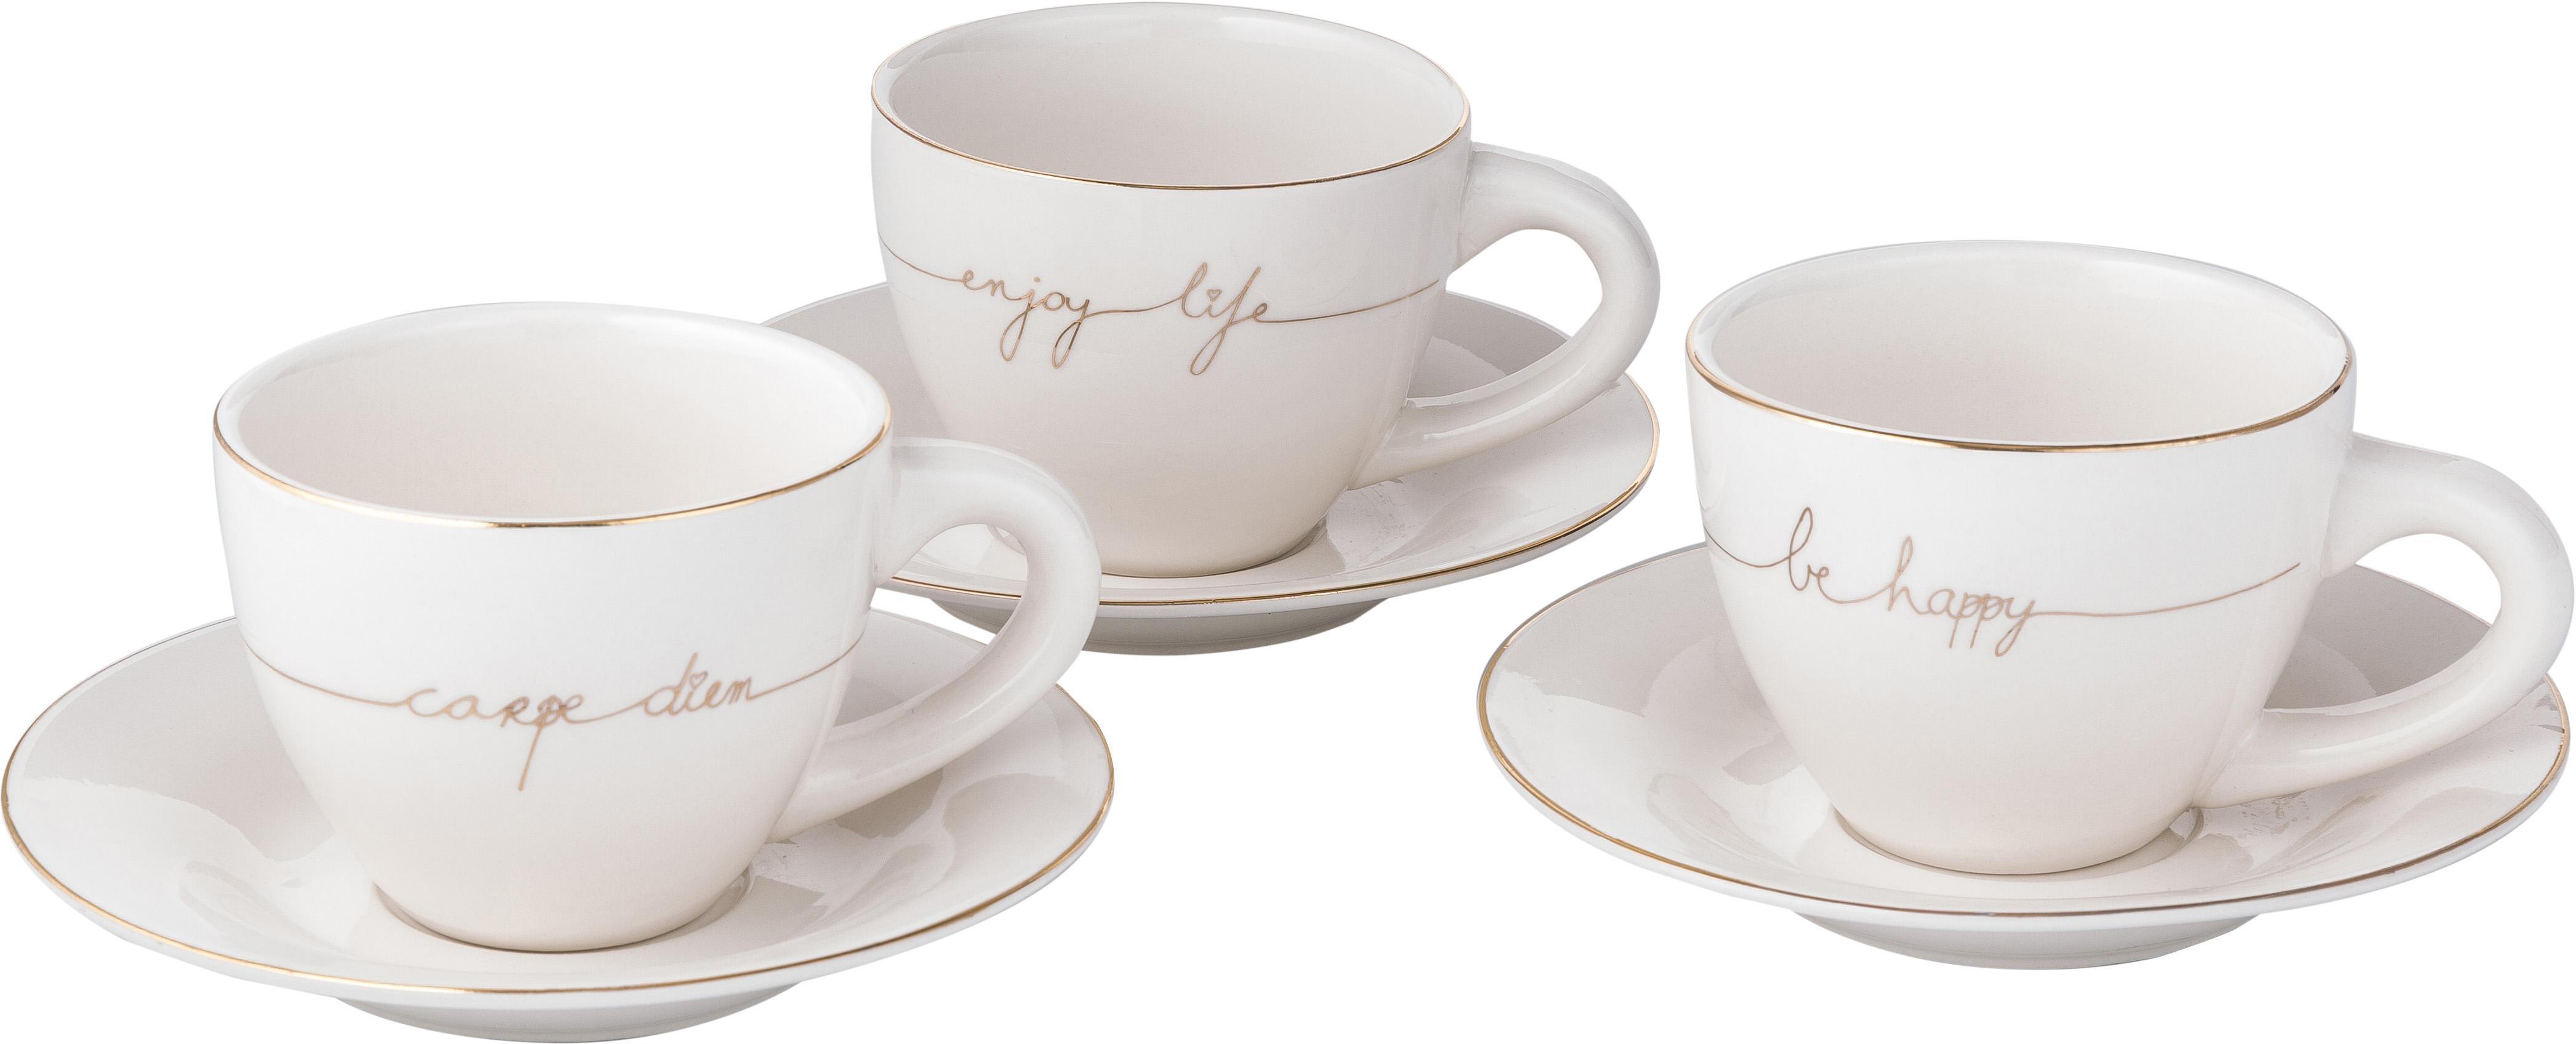 Tazas con platito Happy, 3uds., Porcelana, Blanco, dorado, Ø 15 x Al 8 cm